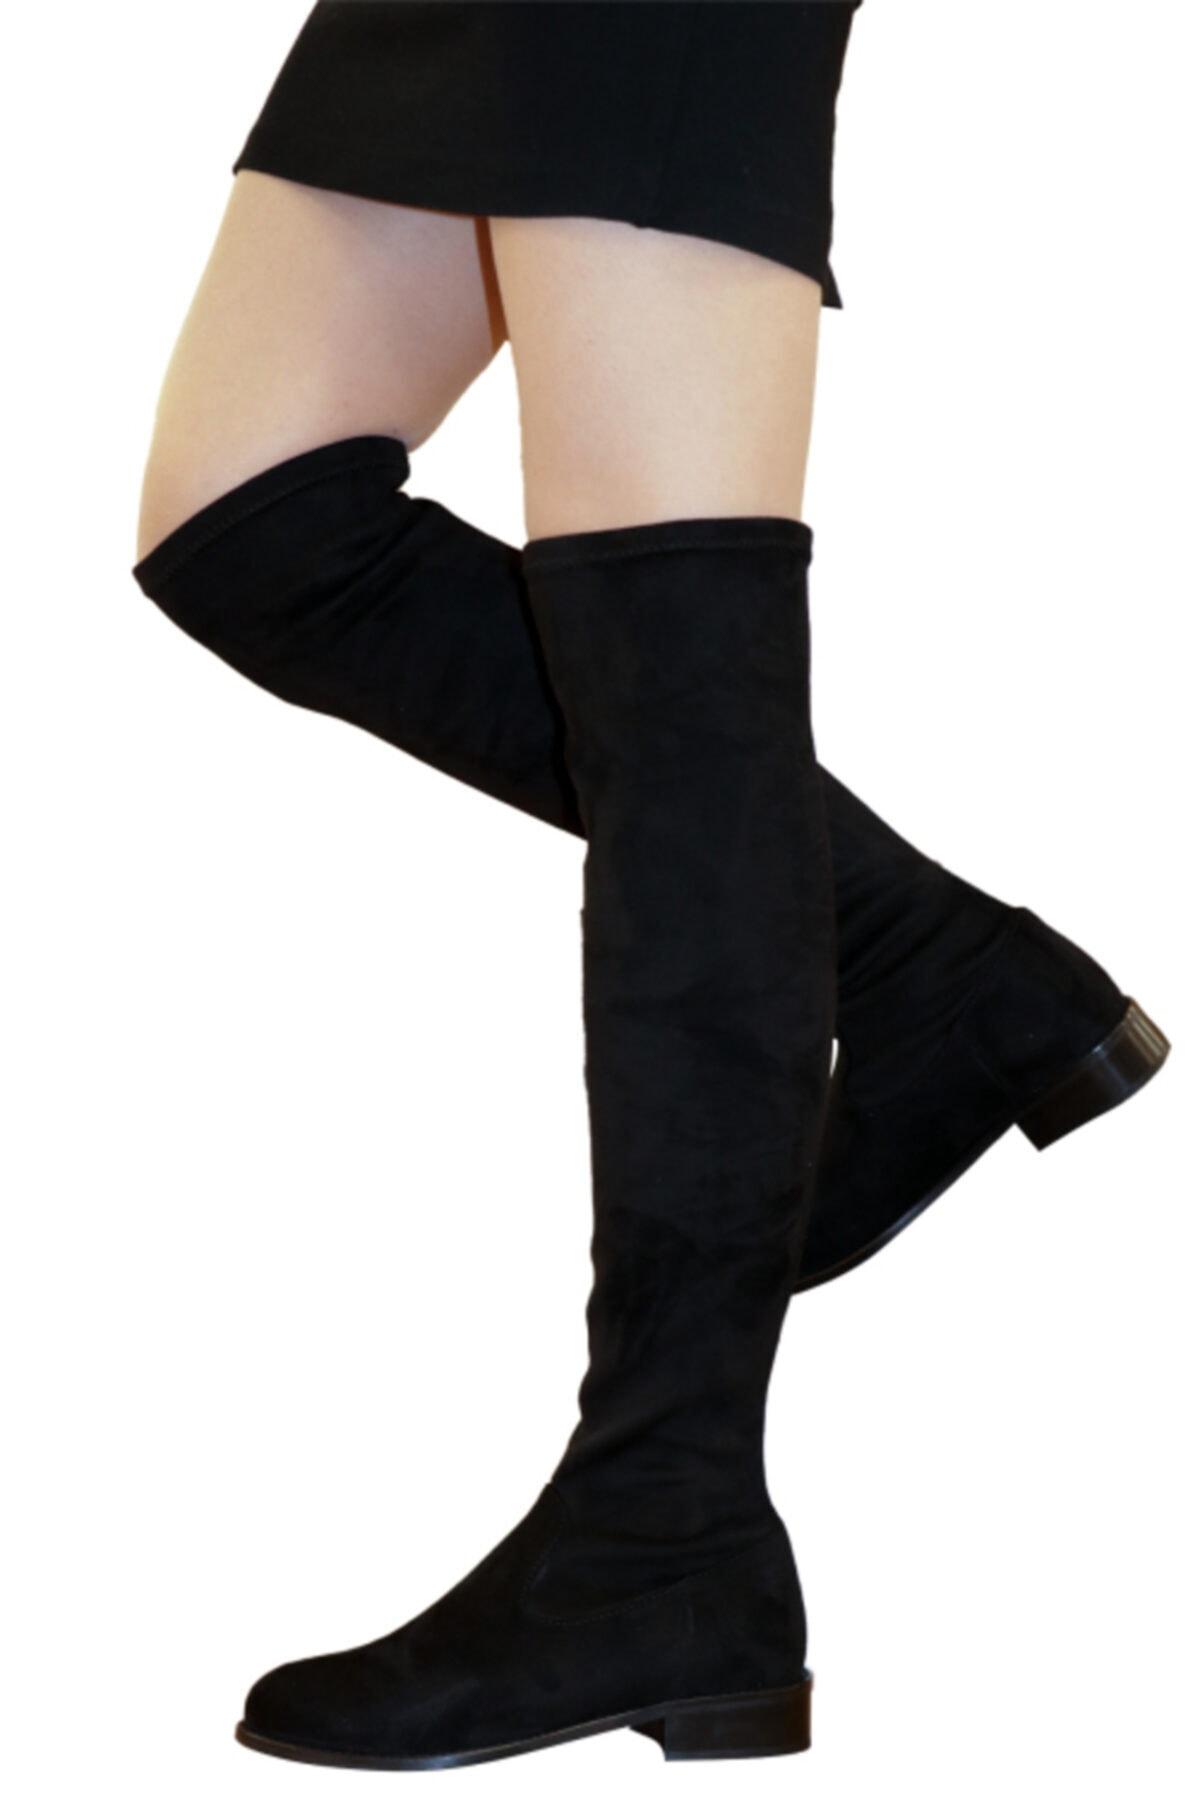 OZ DOROTHY Kadın Siyah Süet Streç Diz Üstü Çorap Çizme 1